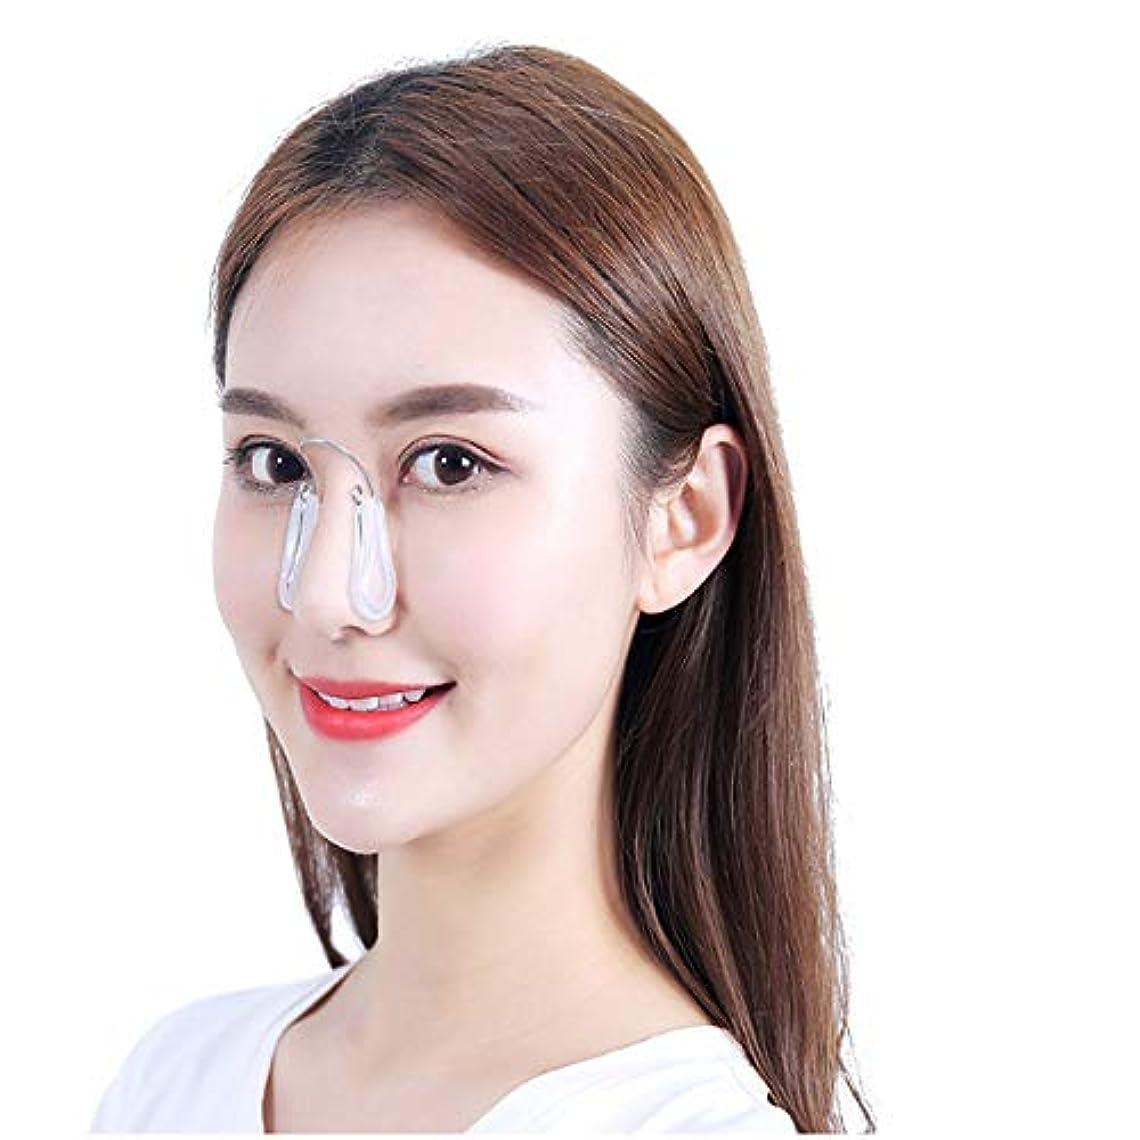 最高検査官無駄だGOIOD 美鼻ケア 鼻 人工鼻 増強美容 鼻のデバイスシリコンクリップ 鼻筋矯正 簡単美鼻ケア